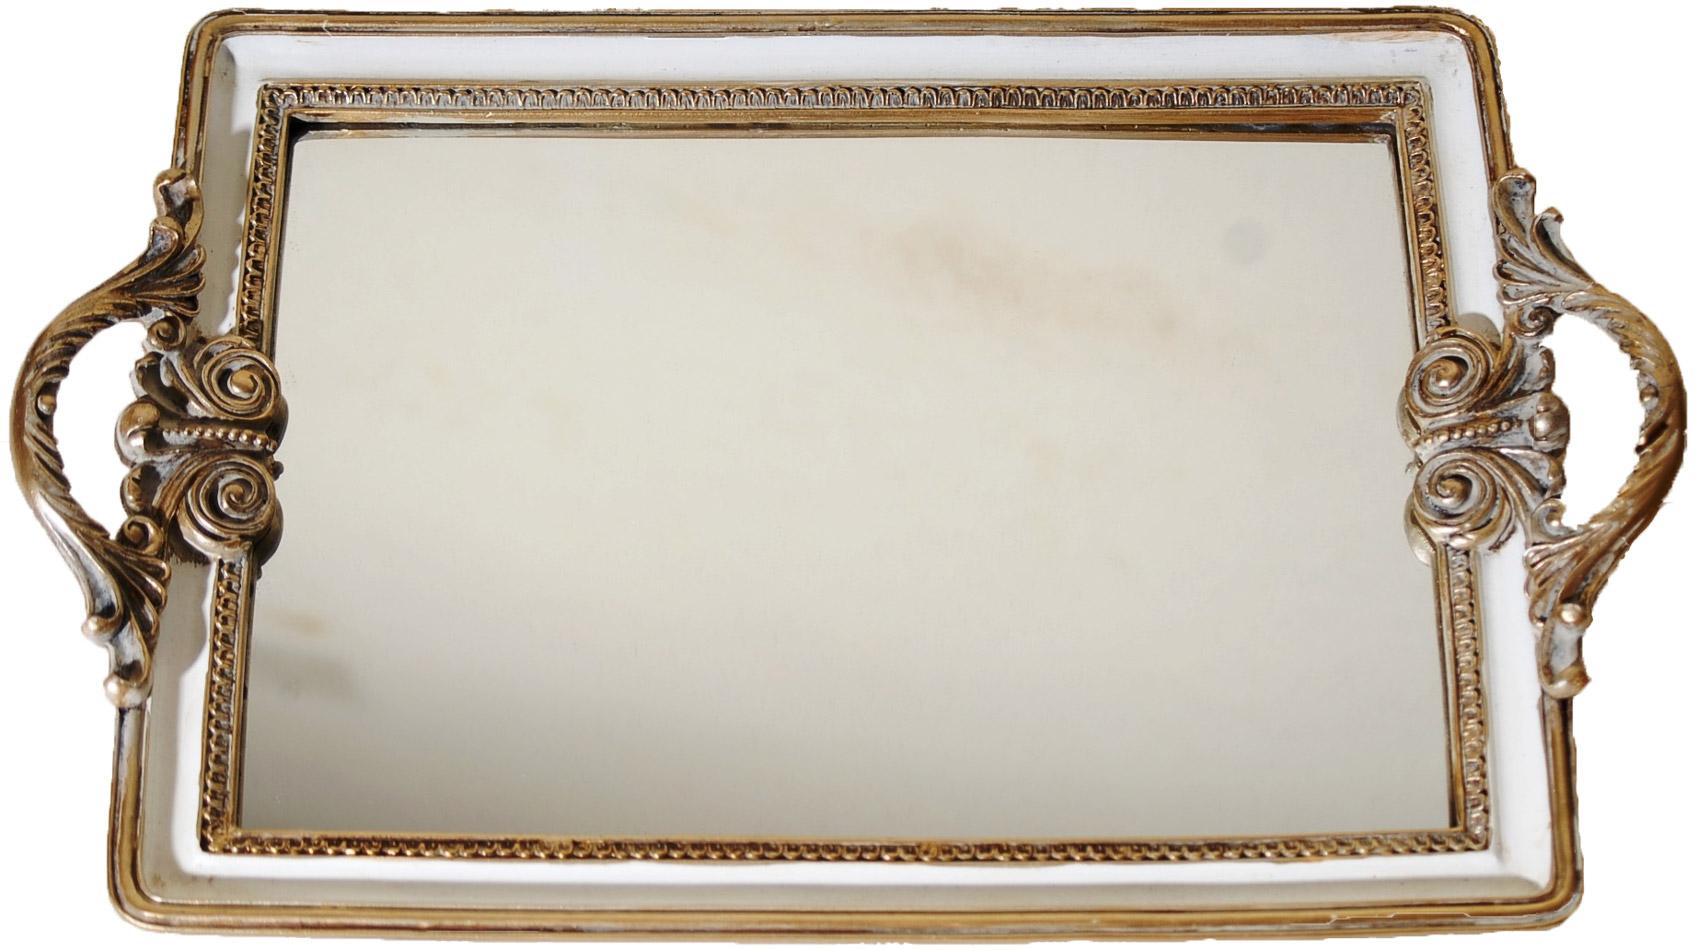 Δίσκος Σερβιρίσματος Με Καθρέπτη Πολυεστερικός Royal Art 39×35εκ. YUA4/002CR (Χρώμα: Λευκό, Υλικό: Πολυεστερικό) – Royal Art Collection – YUA4/002CR